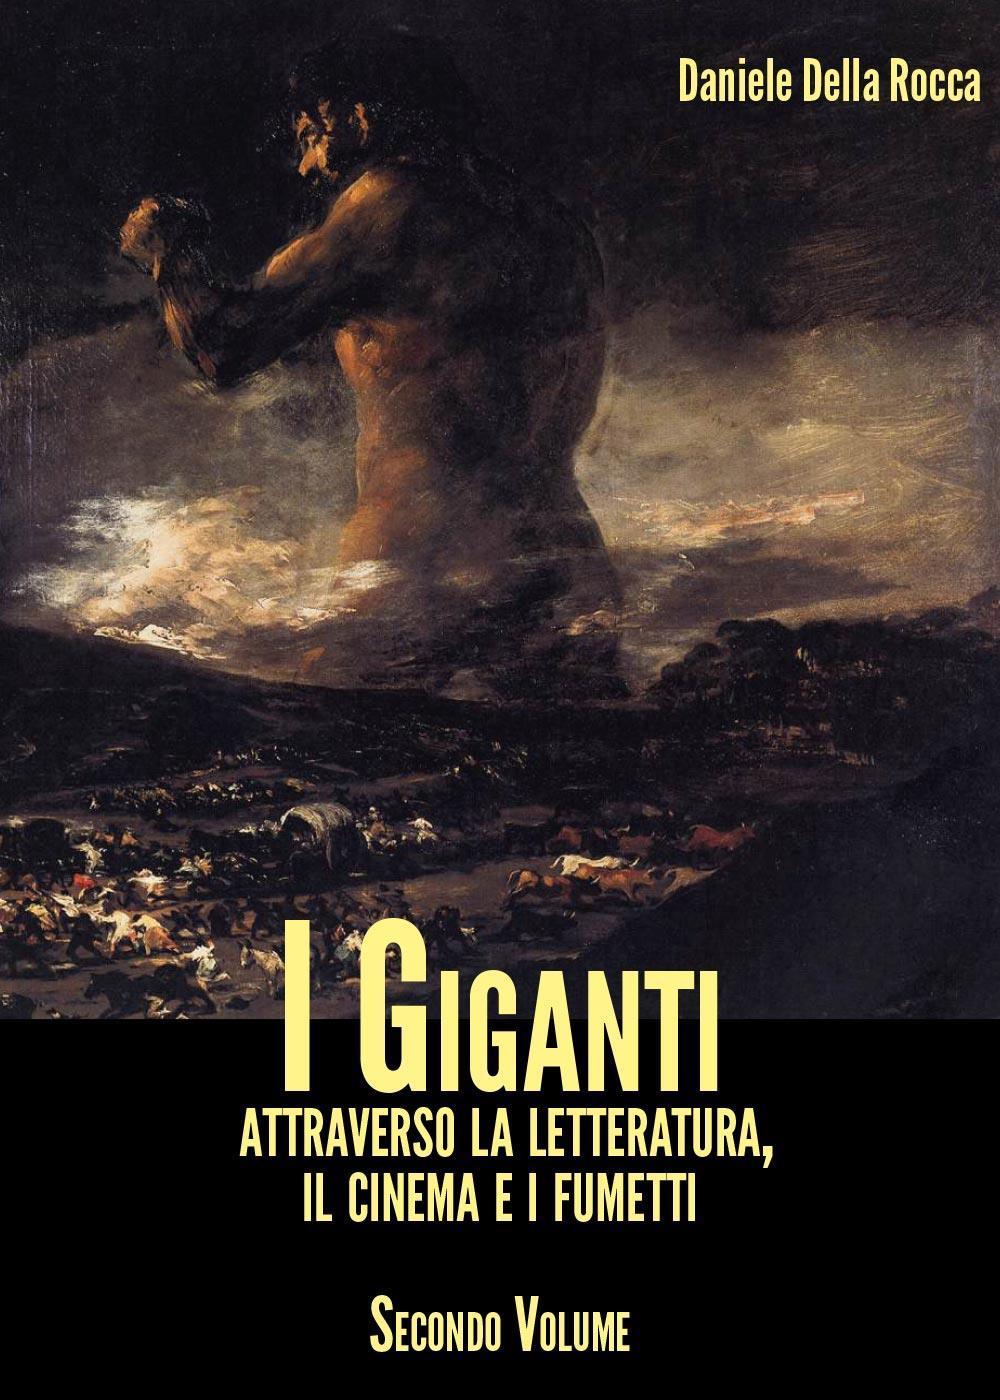 I Giganti - Attraverso la letteratura, il cinema e i fumetti. Volume II